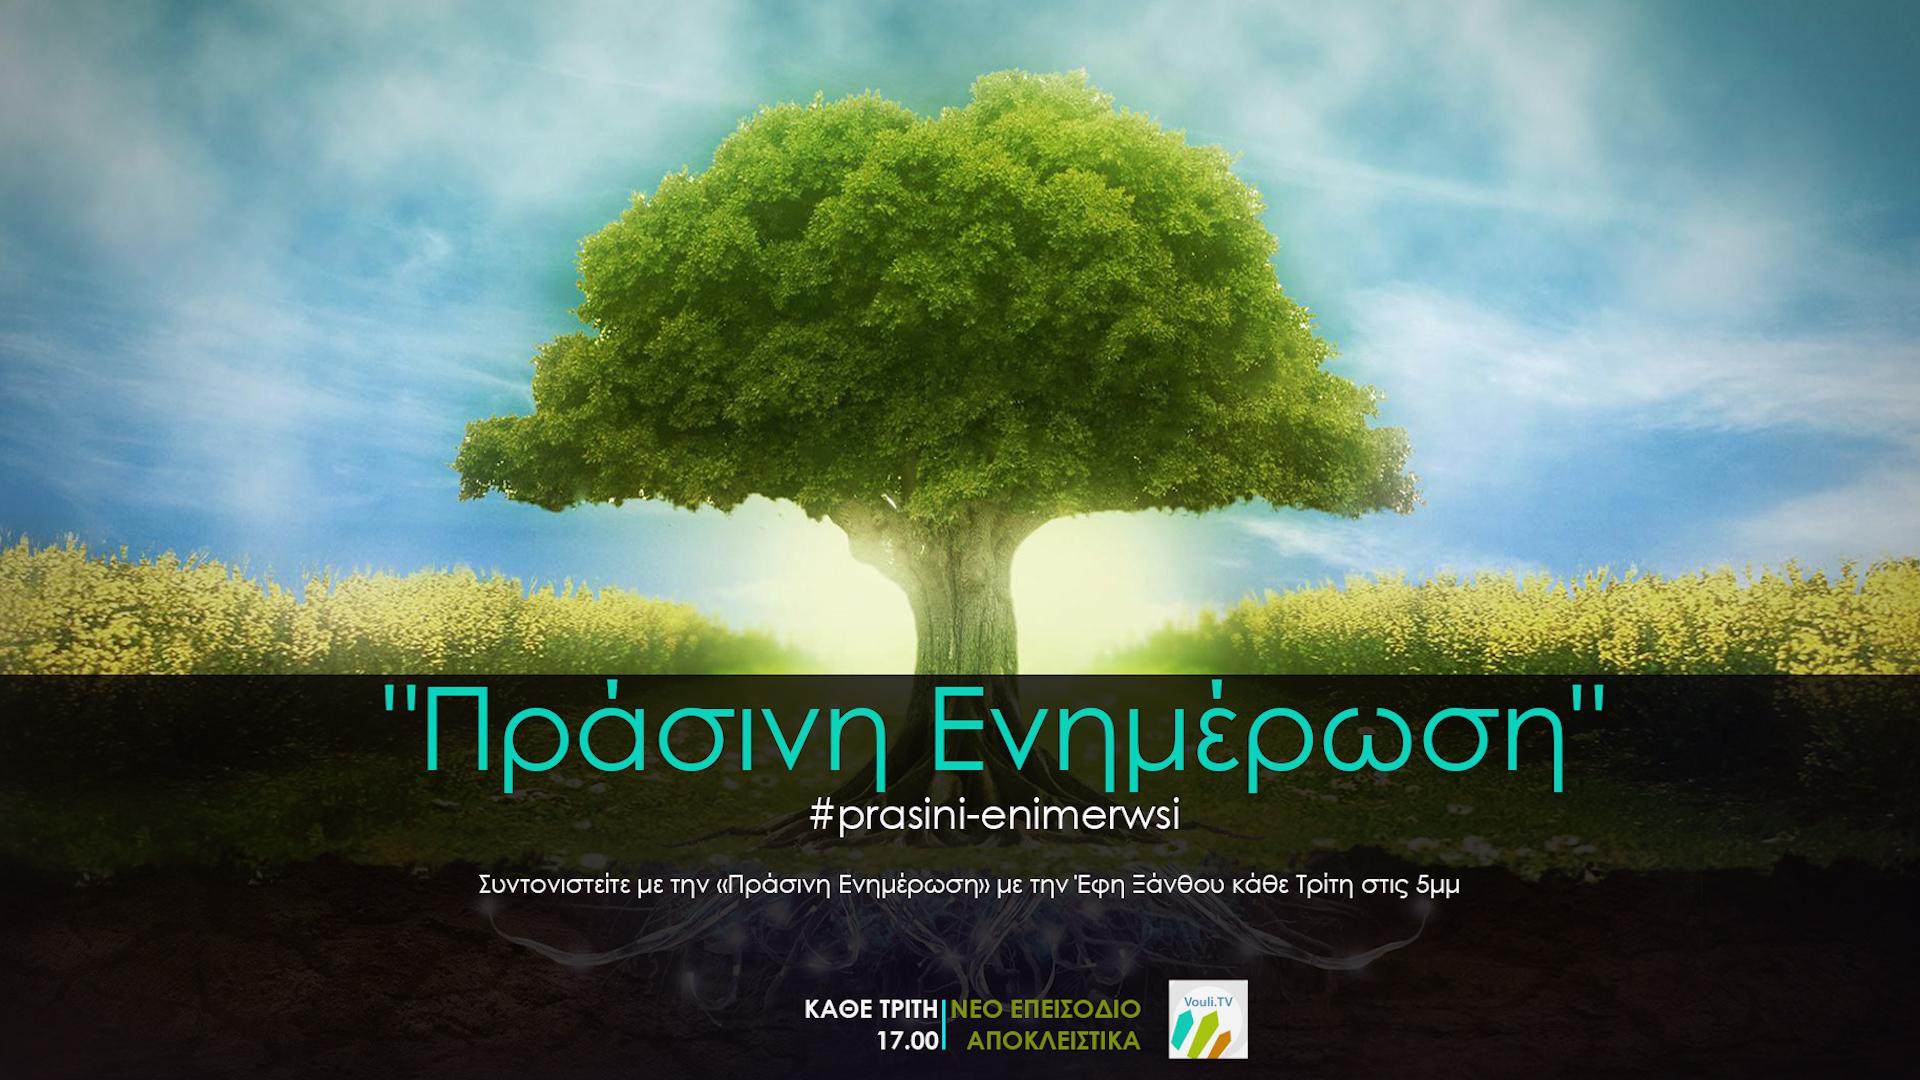 Πράσινη Ενημέρωση με την Έφη Ξάνθου @Vouli.TV | 02/03/2021